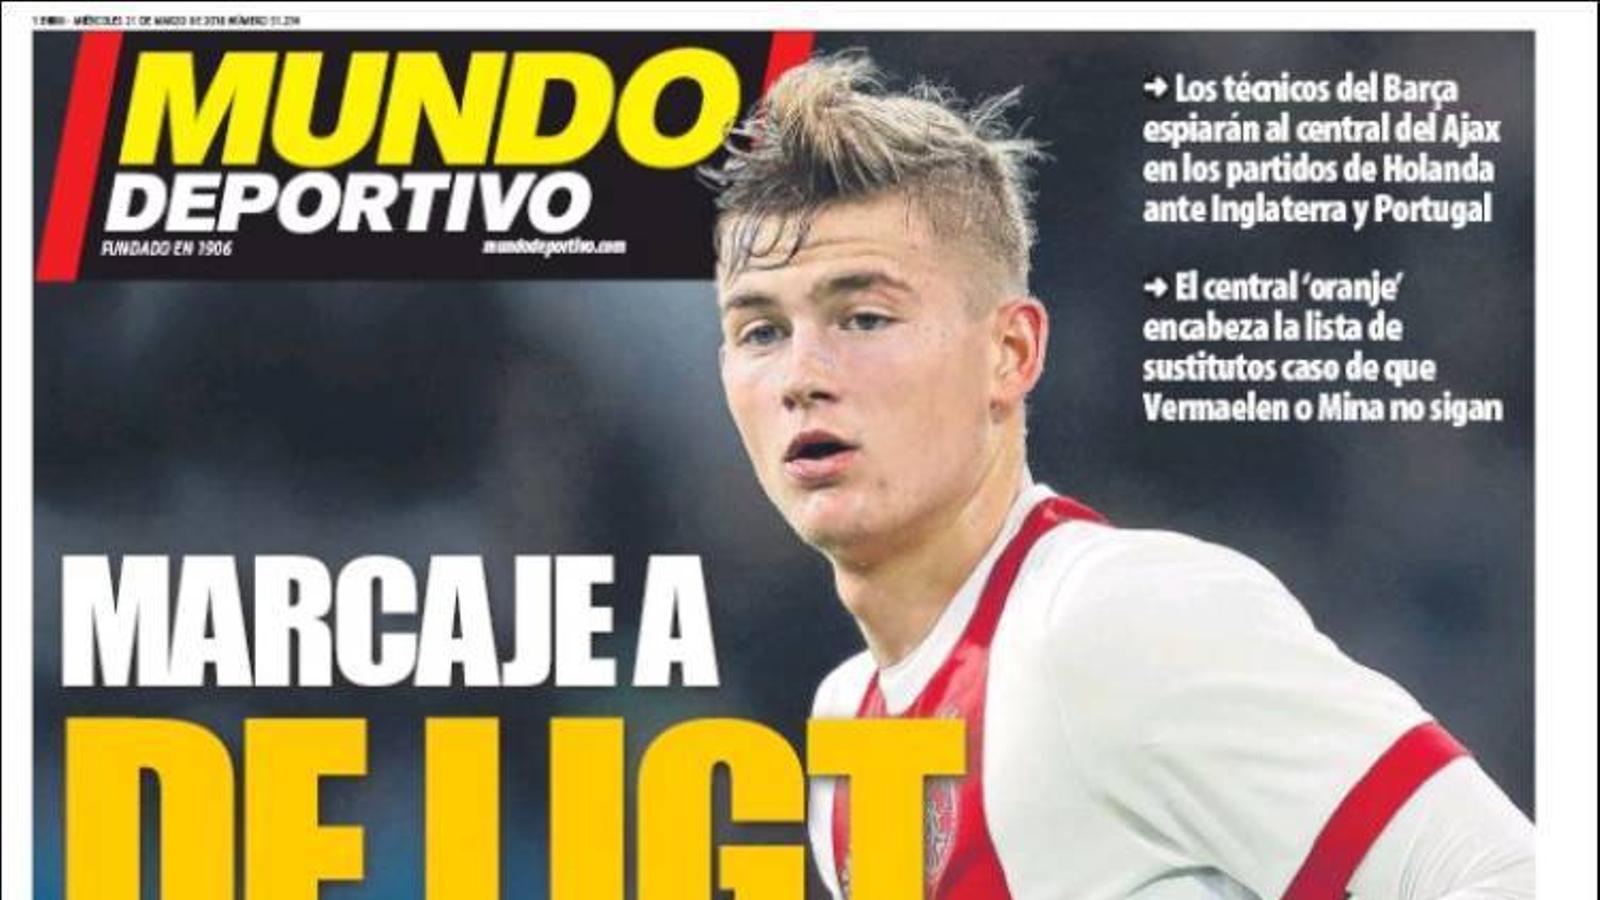 Portada 21 març 2018 Mundo Deportivo